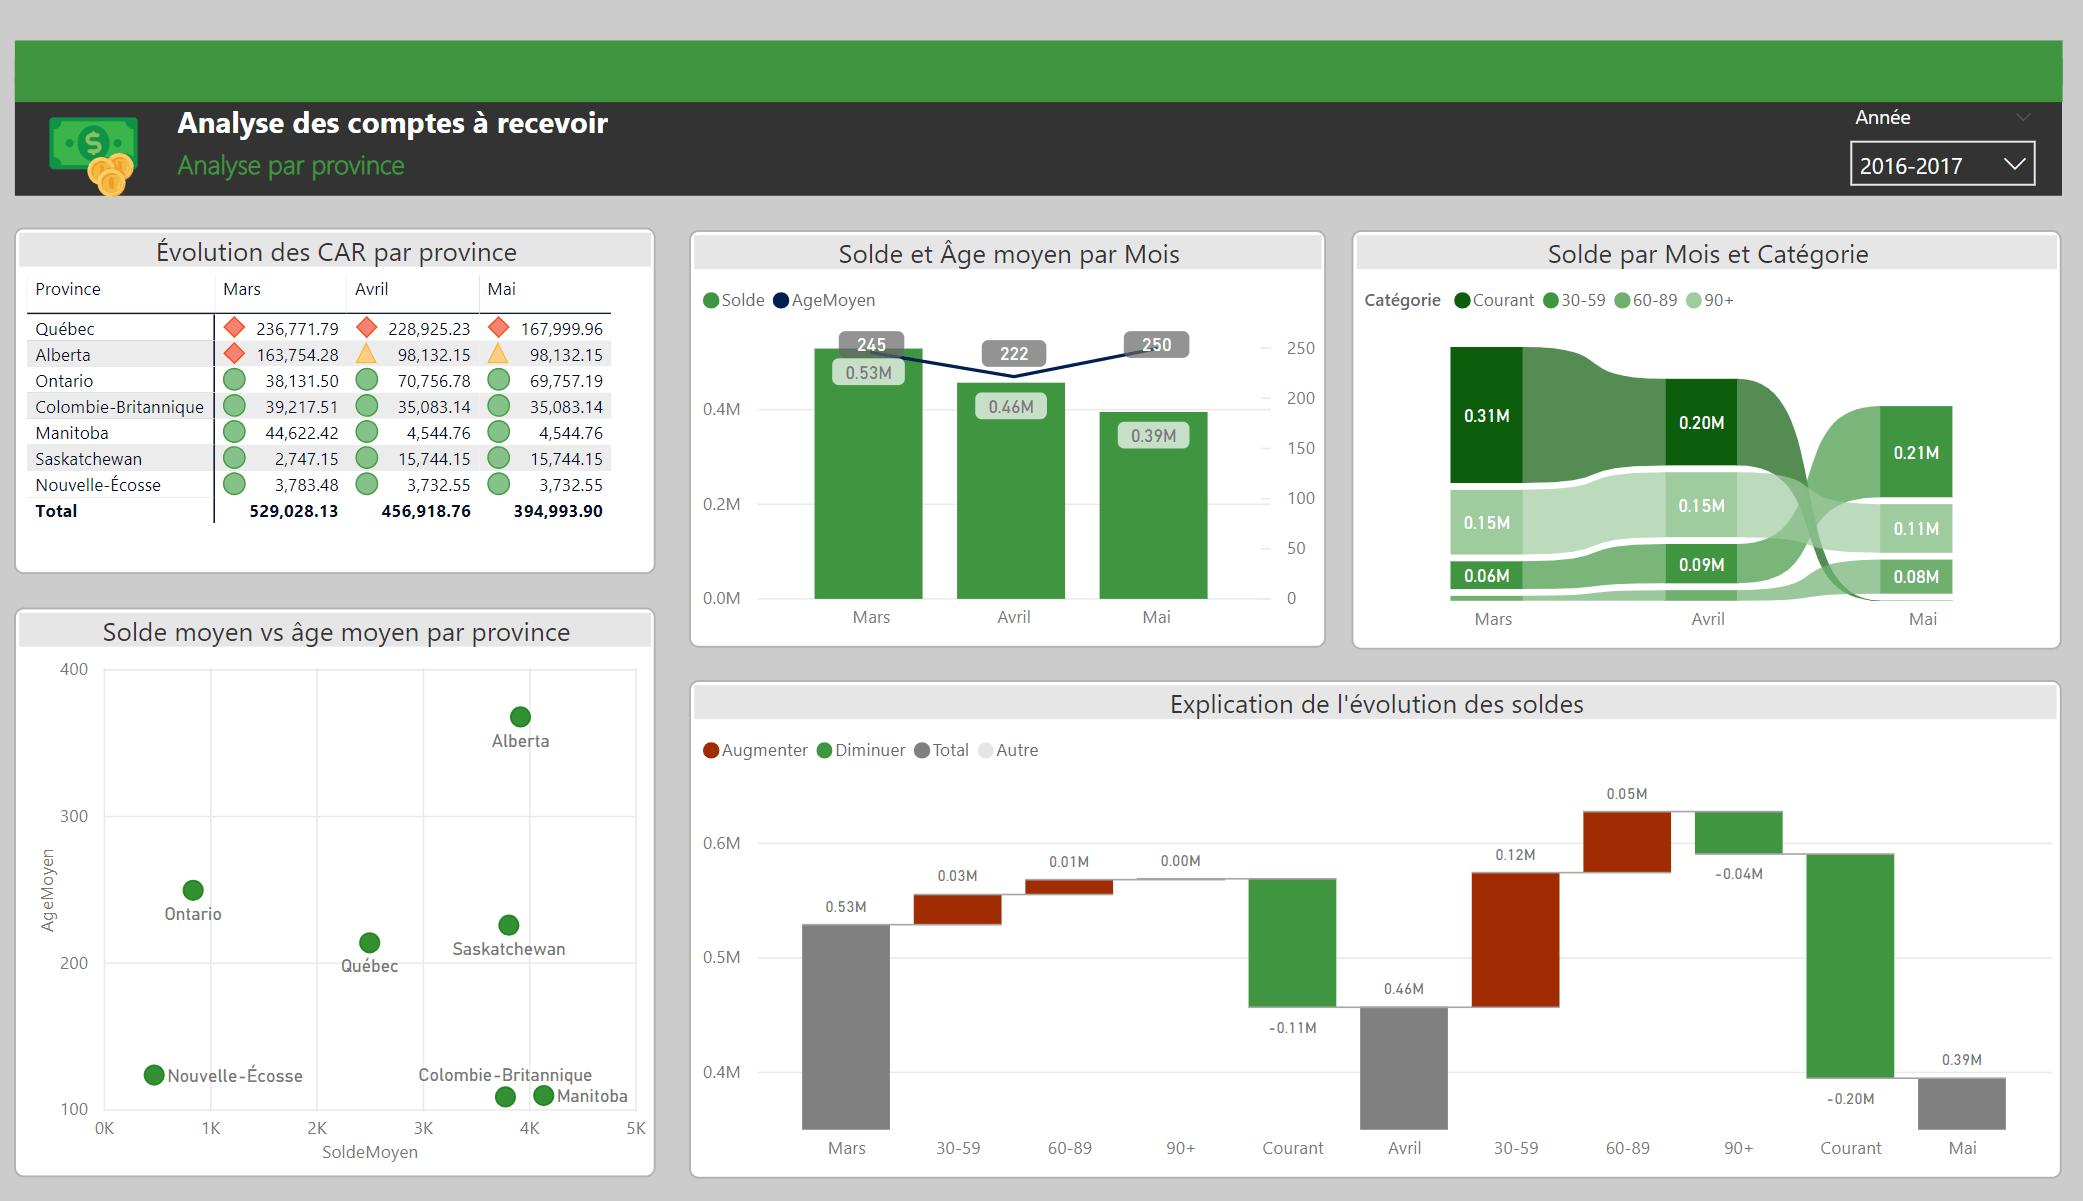 Analyse comptes à recevoir